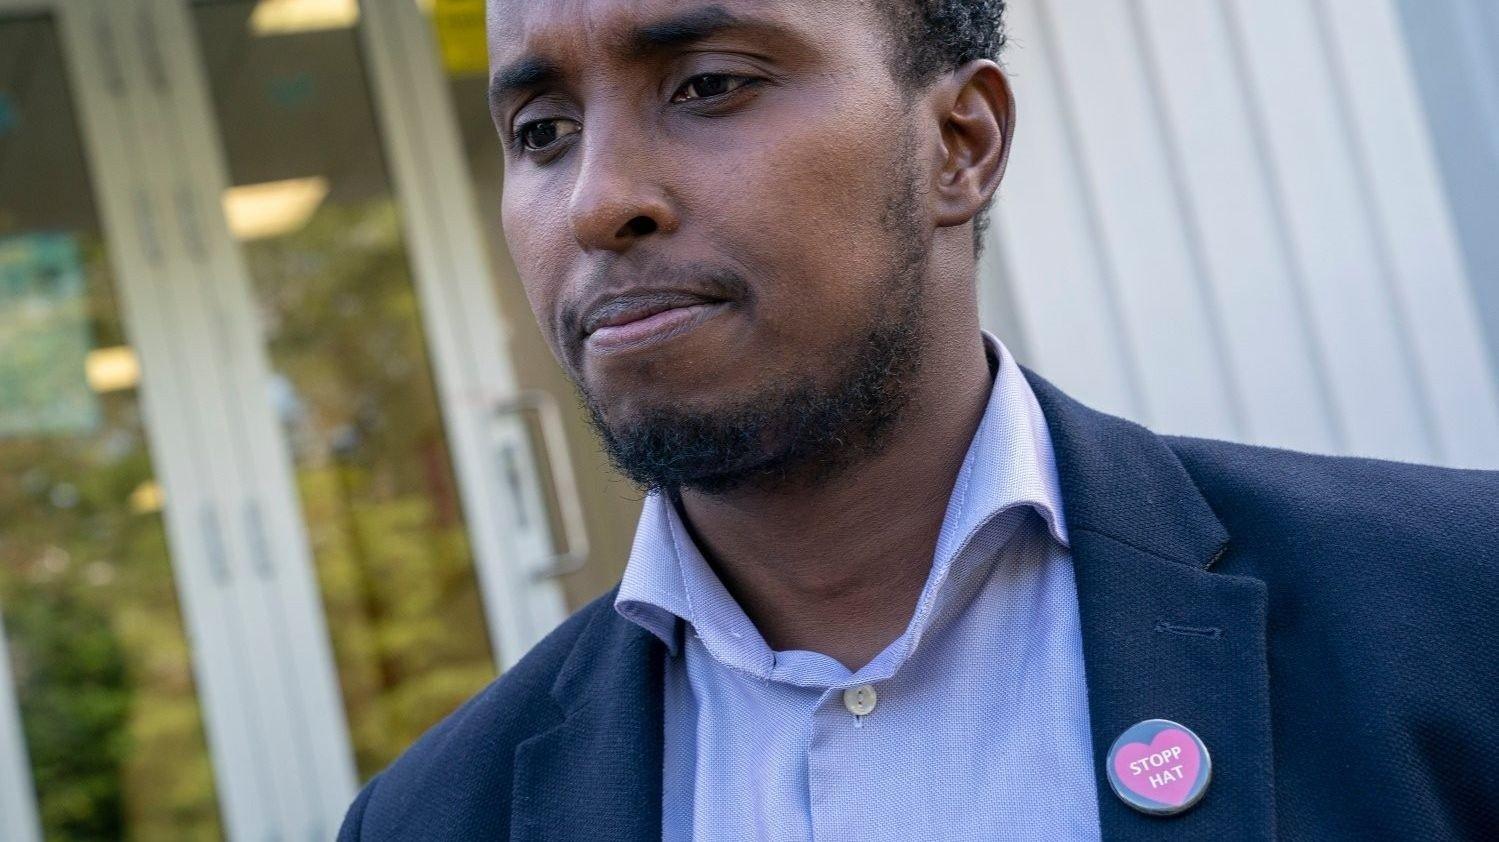 Styreleder Abdirahman Diriye i Islamsk Råd Norge mener at egne muslimske barnevernsinstitusjoner kan være en løsning for å ivareta minoritetsbarns kulturelle, språklige og religiøse bakgrunn.